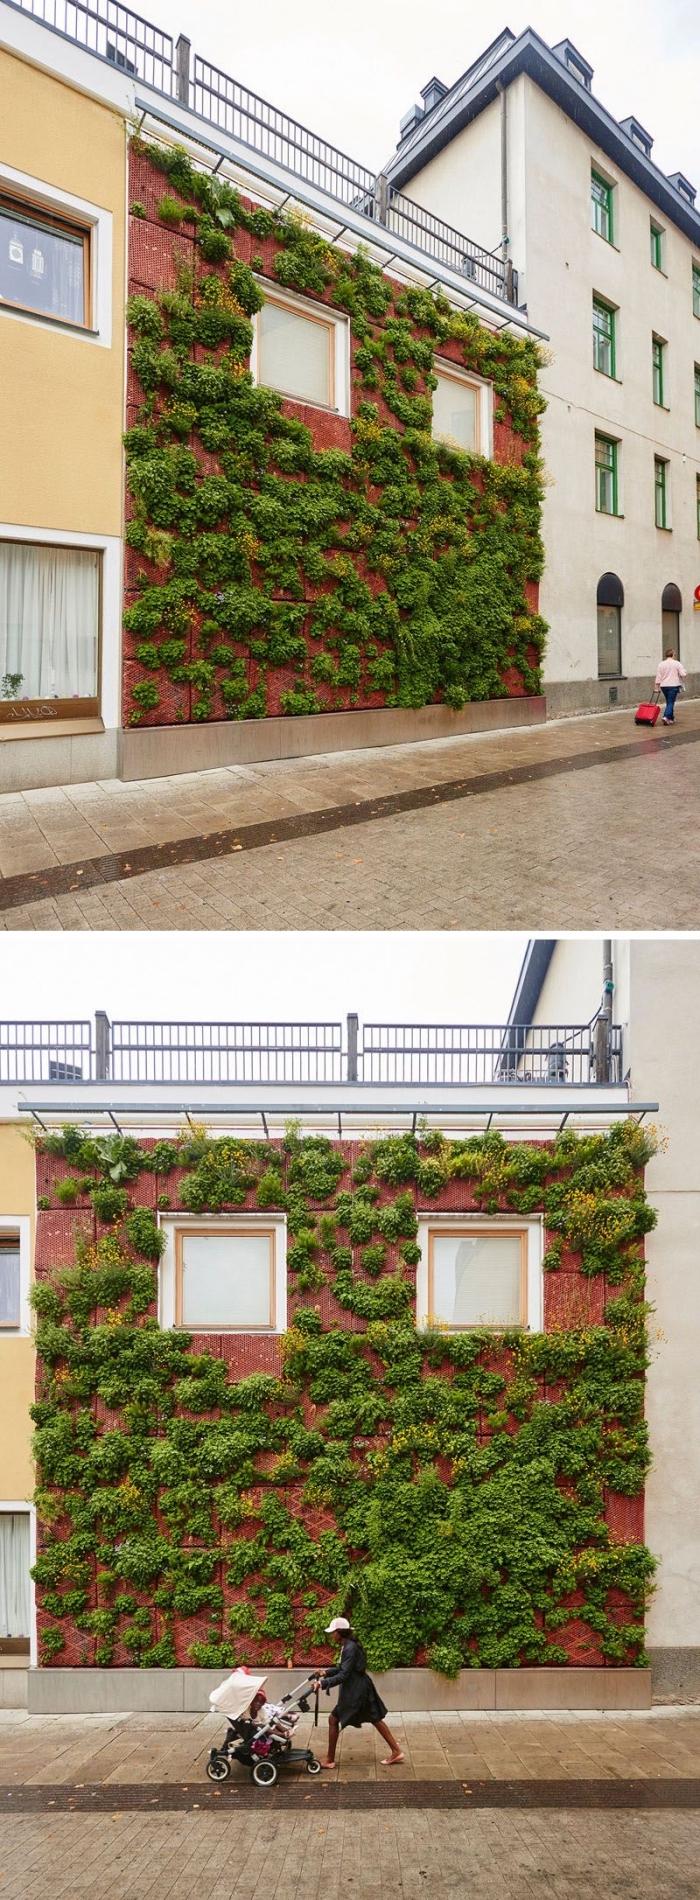 une façade végétalisée en plein milieu urbain qui apporte une touche de fraîcheur et contribue à l'assainissement de l'air , idée pour un mur végétalisé sur la façade d'une maison ou d'un bâtiment